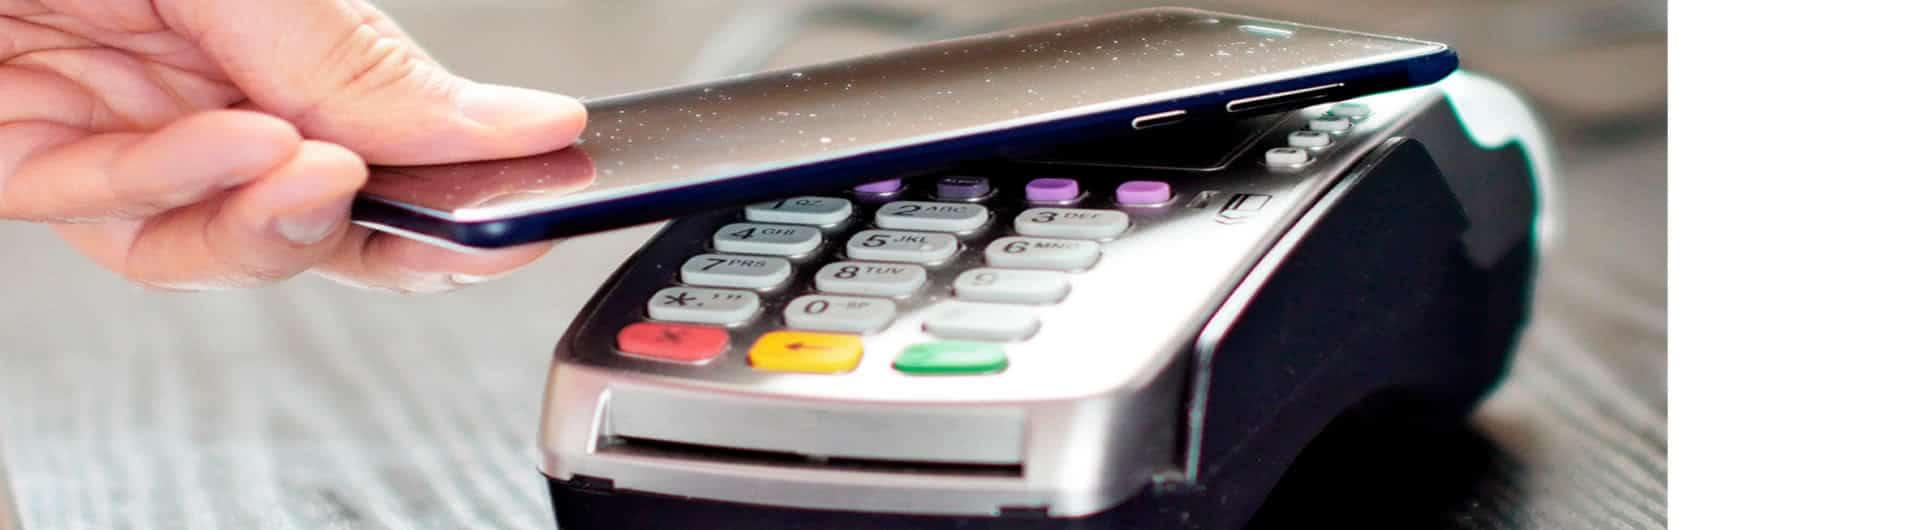 Google Pay und Apple Pay: Gehört Ihr Handy in Alufolie?